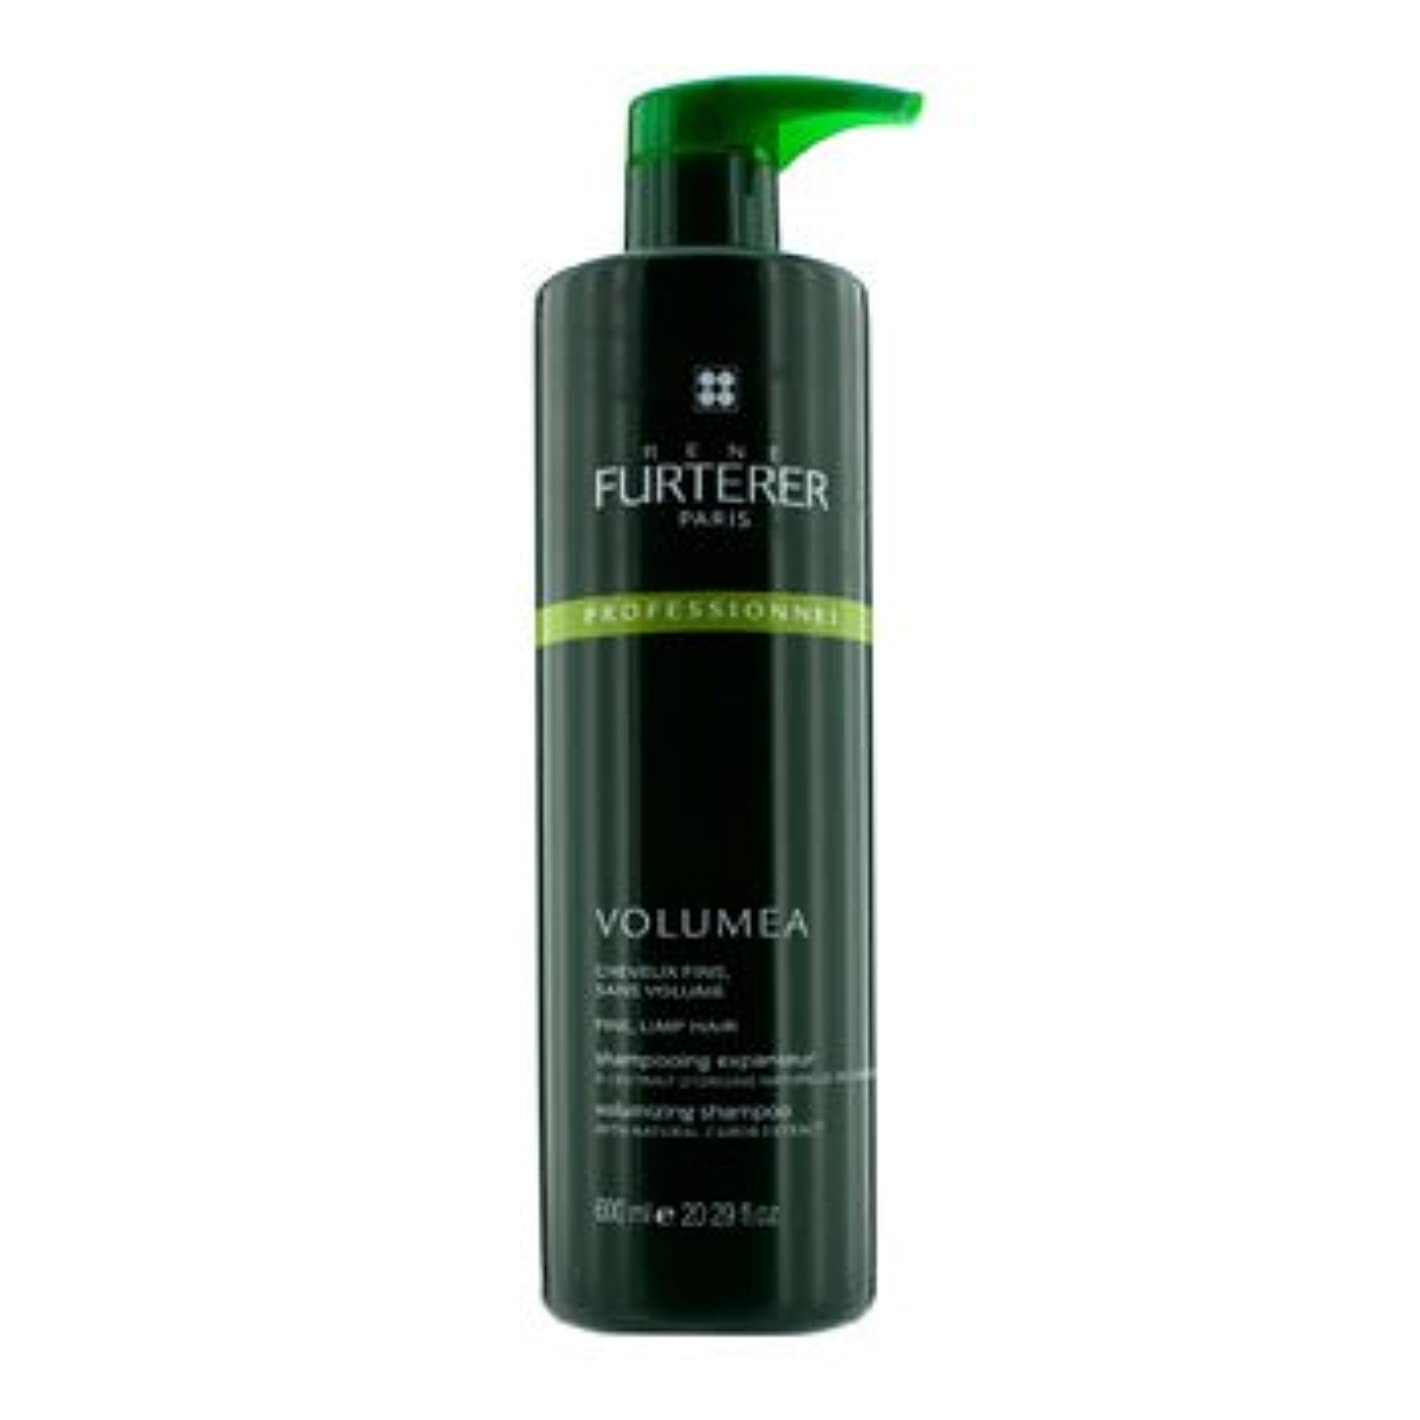 文明化する存在するフルート[Rene Furterer] Volumea Volumizing Shampoo (For Fine and Limp Hair) 600ml/20.29oz